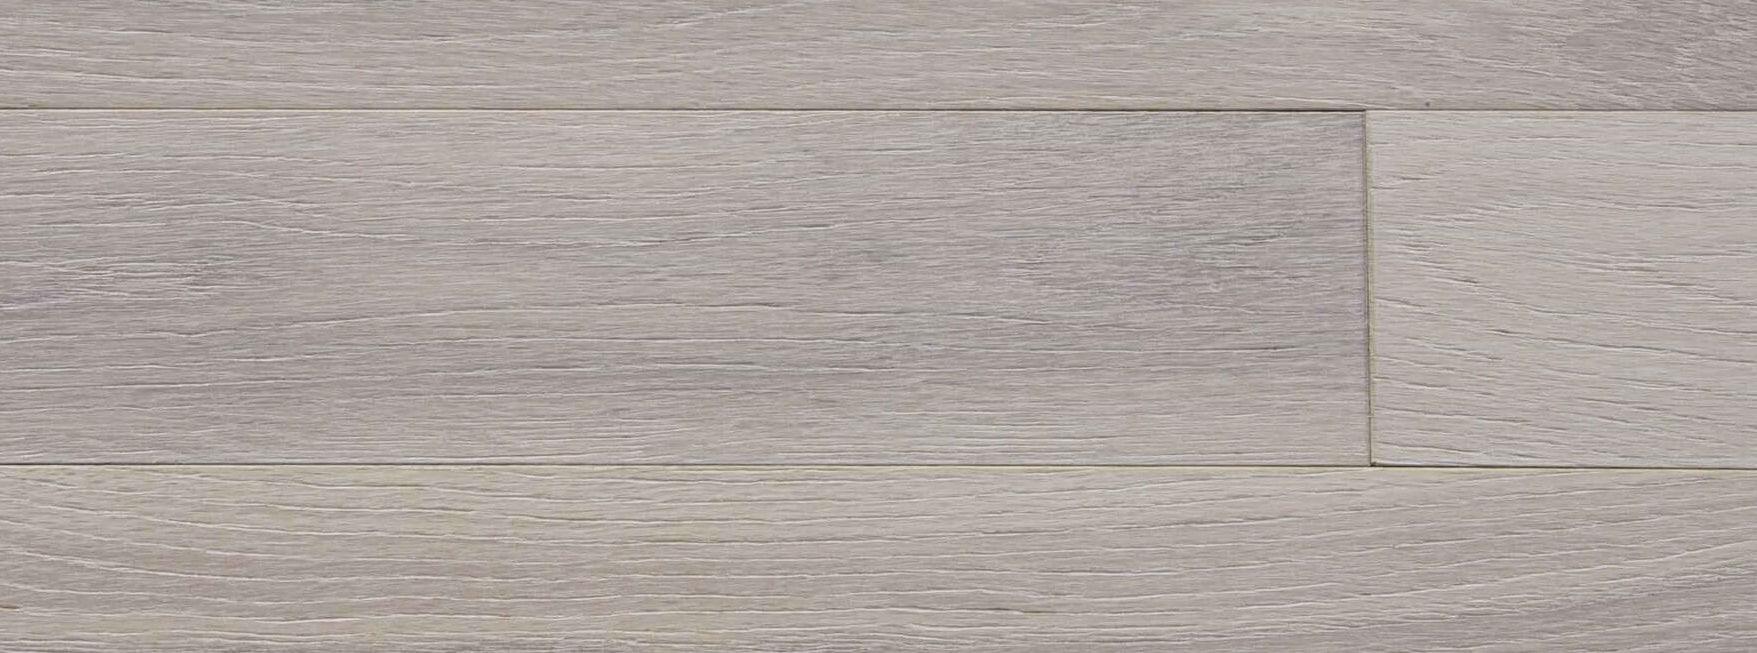 Casa immobiliare accessori installazione parquet - Posare parquet flottante su piastrelle ...